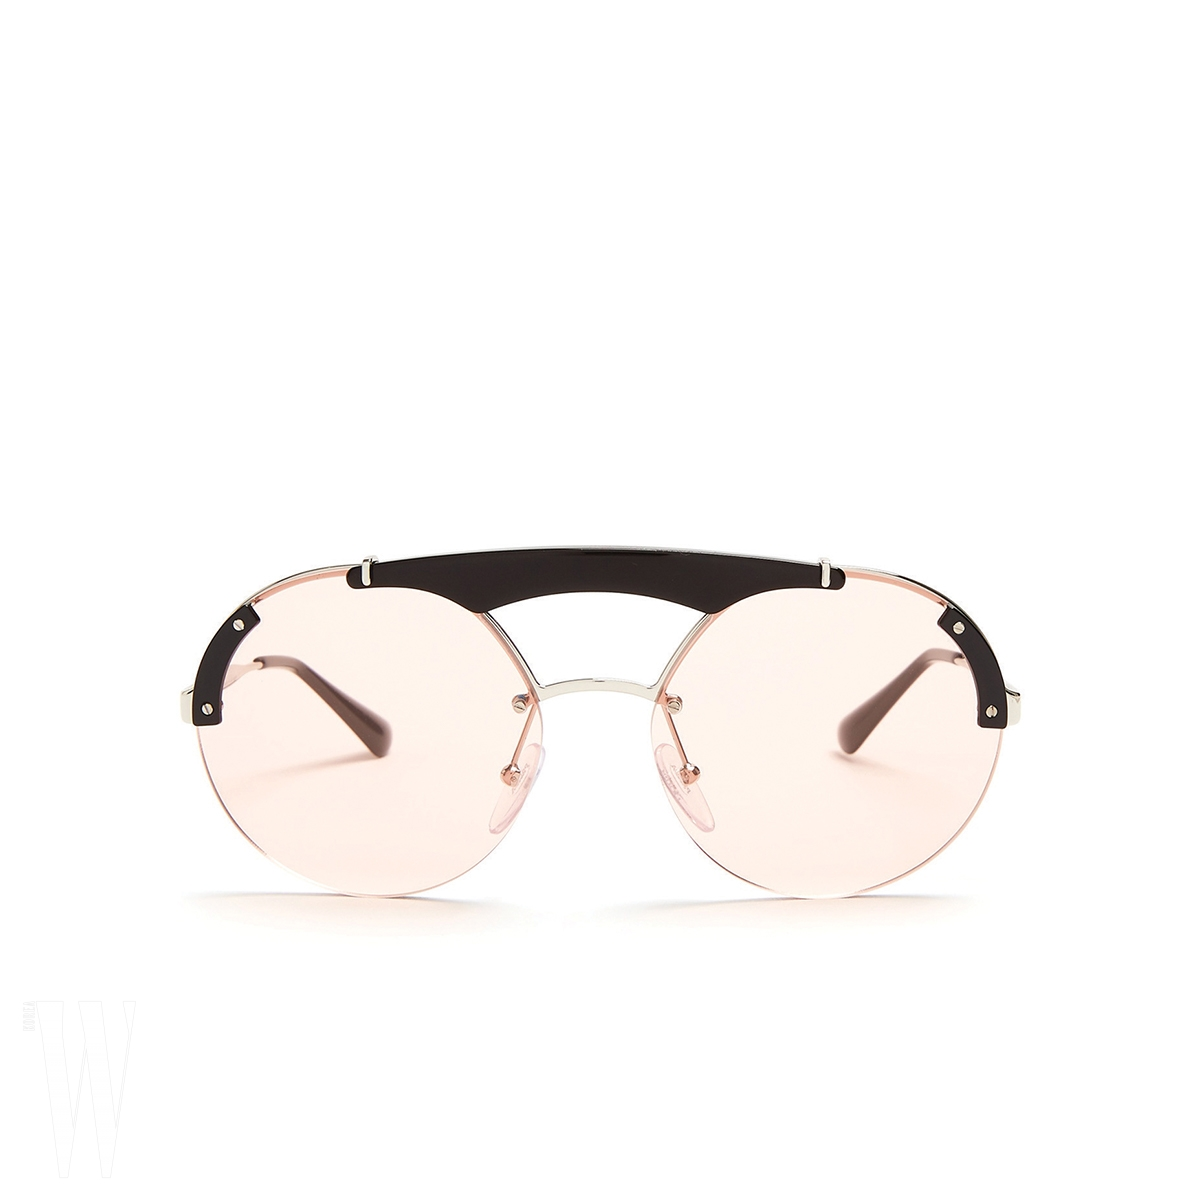 PRADA 투명한 미러 렌즈 선글라스는 프라다 제품. 가격 미정.